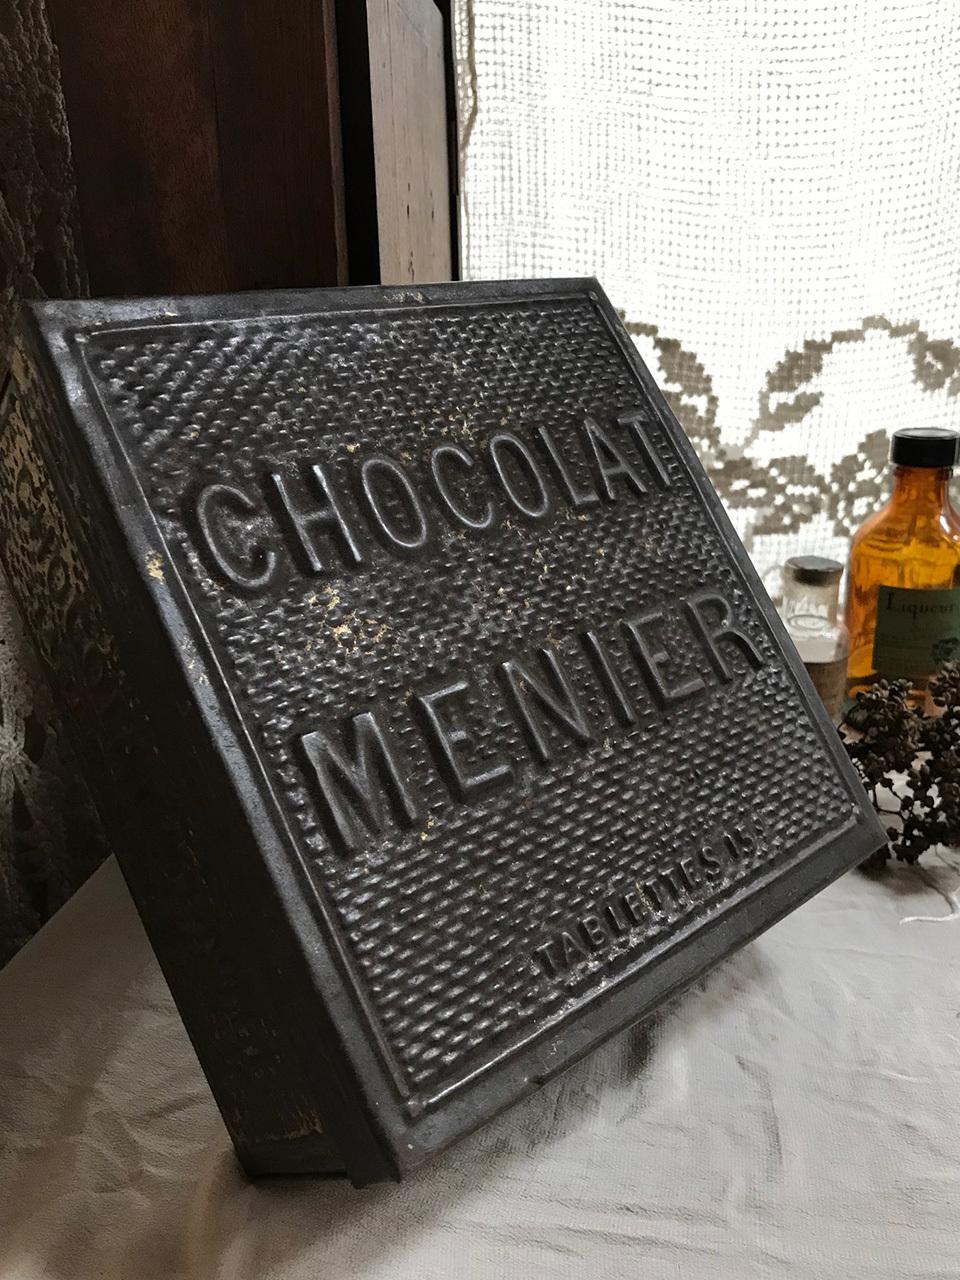 ショコラムニエのTIN缶 CHOCOLAT MENIER